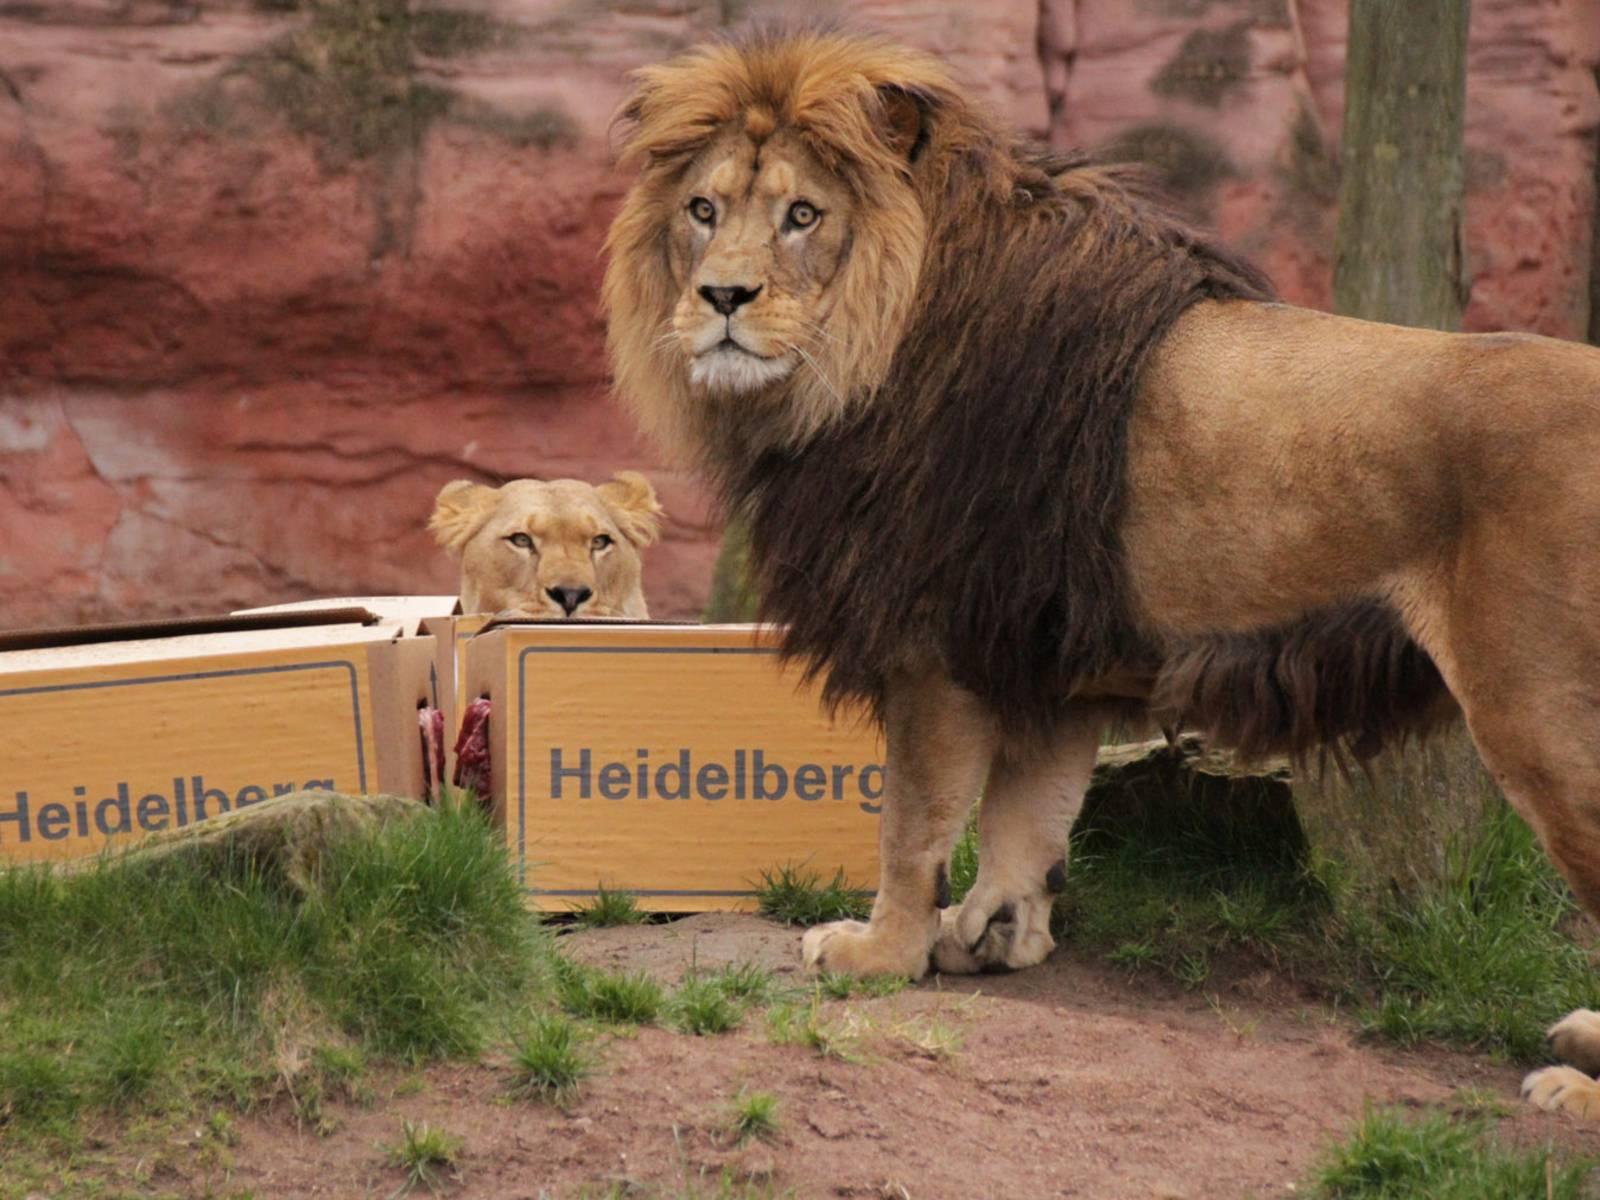 Ein Löwe und eine Löwin mit Pappkartons, auf denen Heidelberg steht.